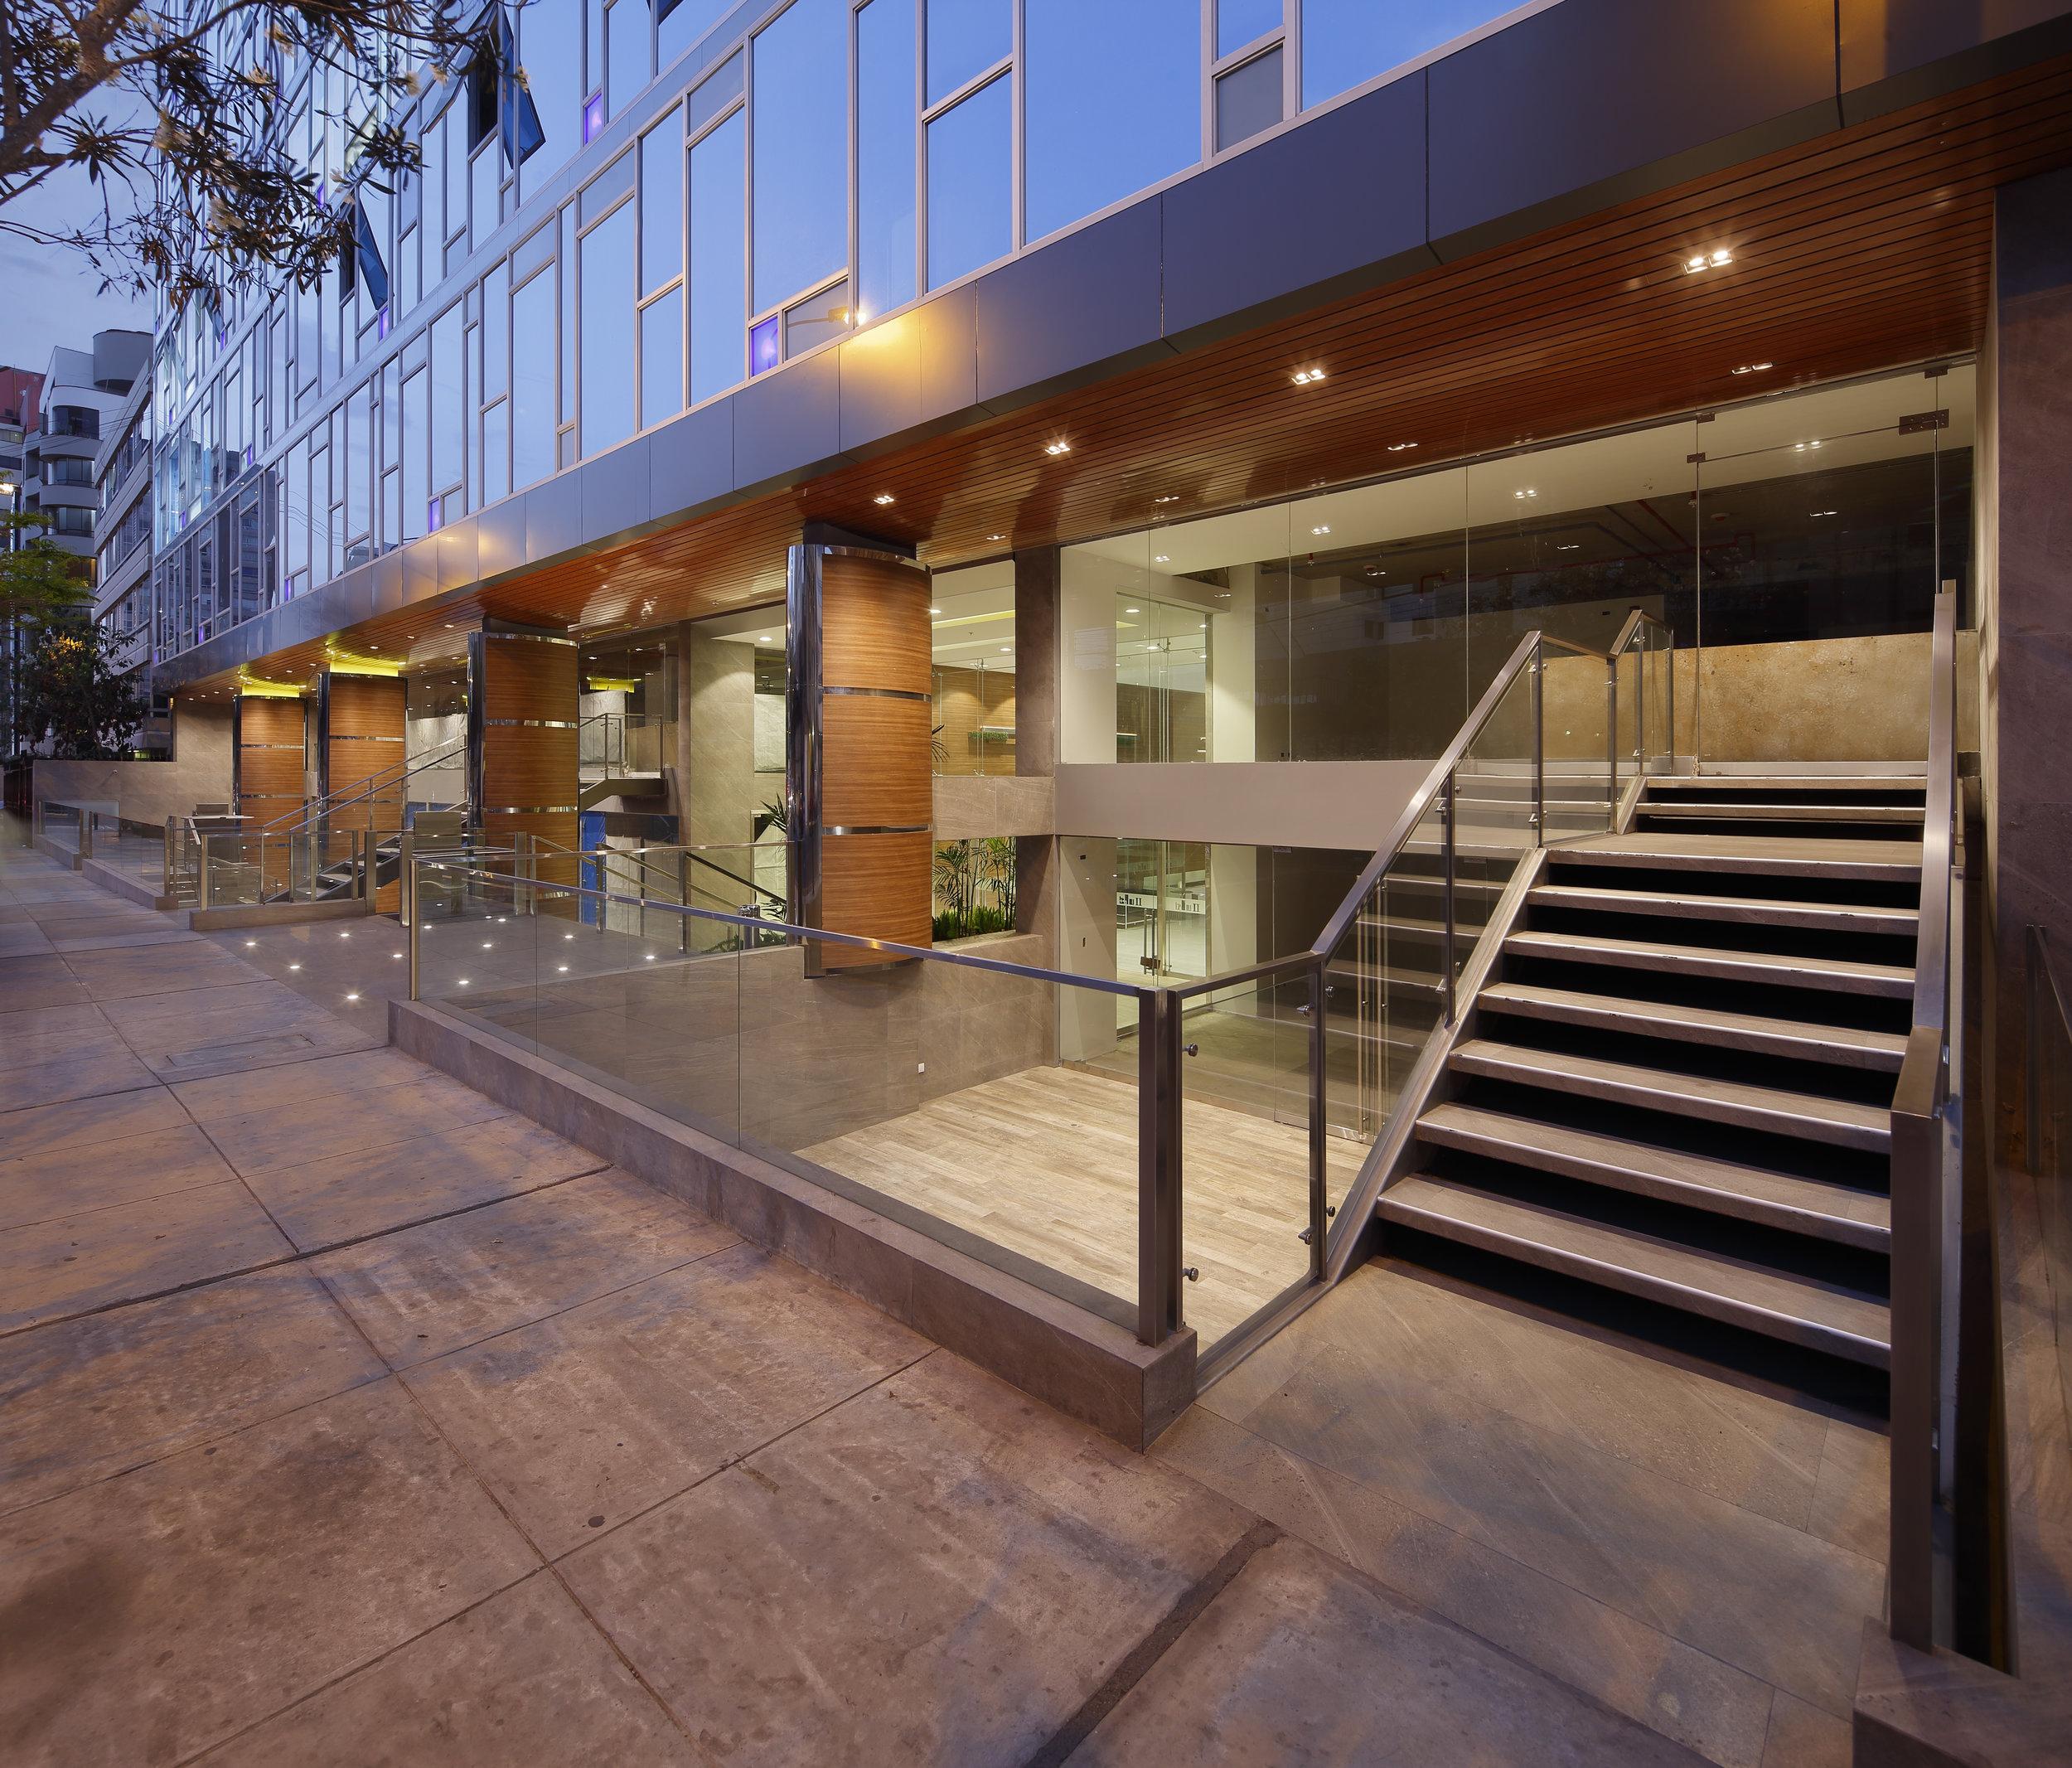 FINALISTA-OFICINAS-BLU BUILDING II (2).jpg